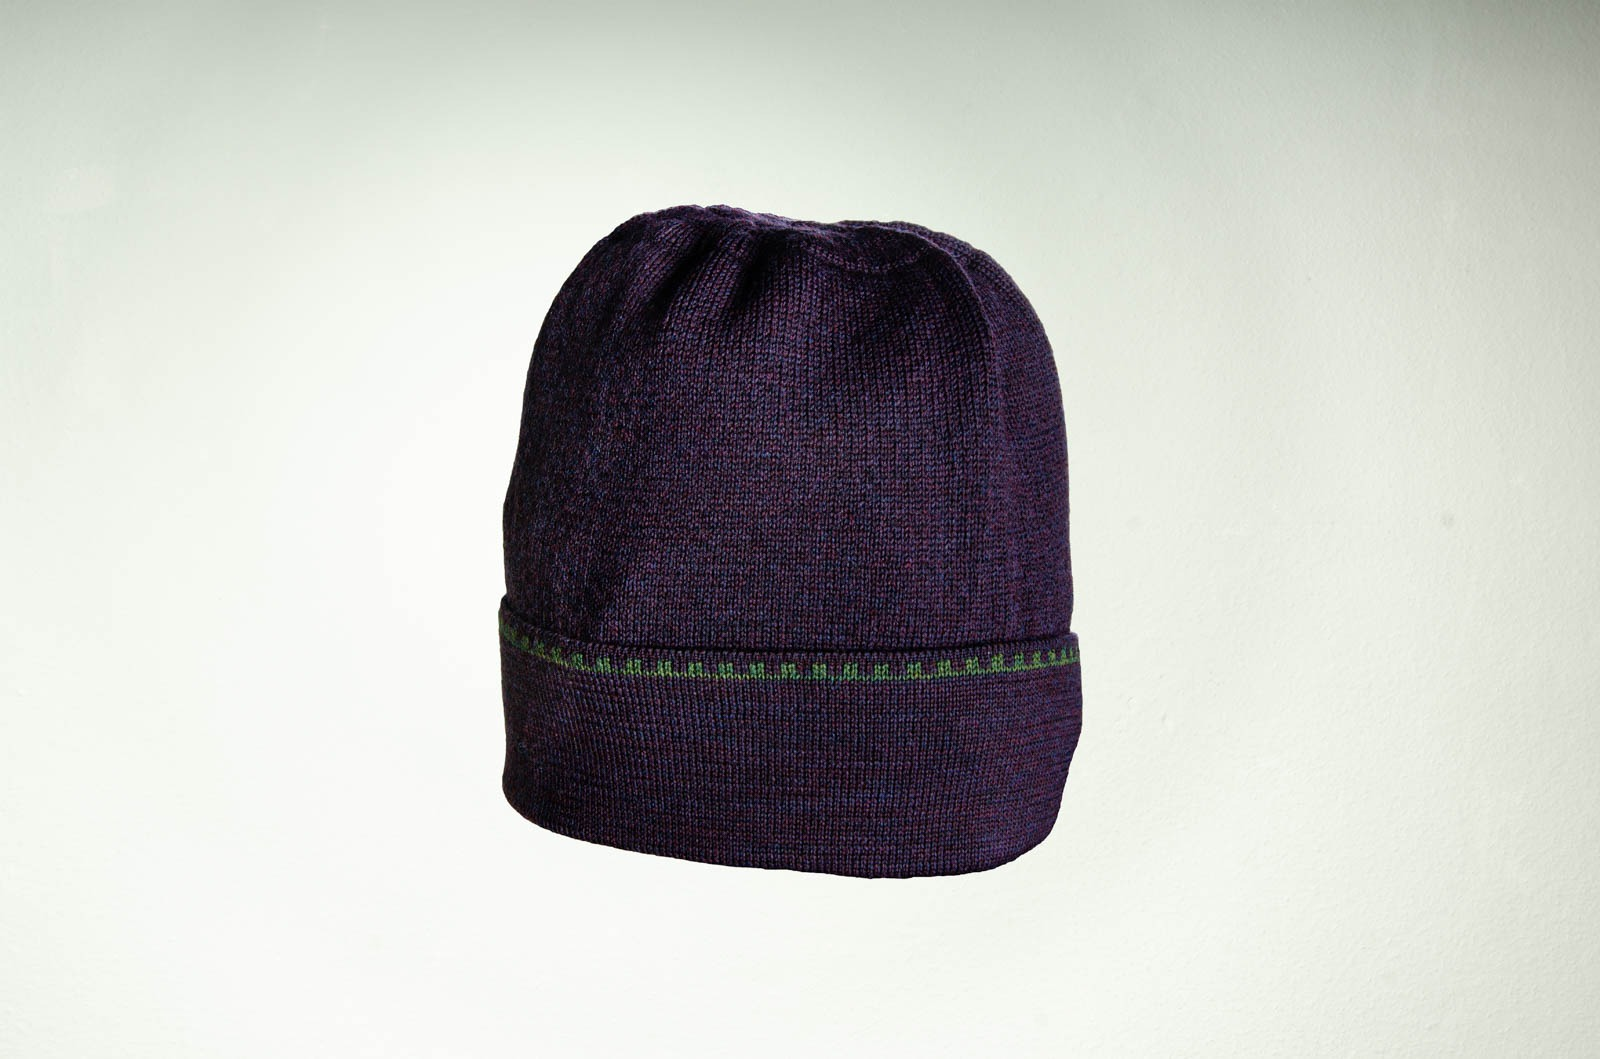 Merino Mütze in lila und dunkelgrün